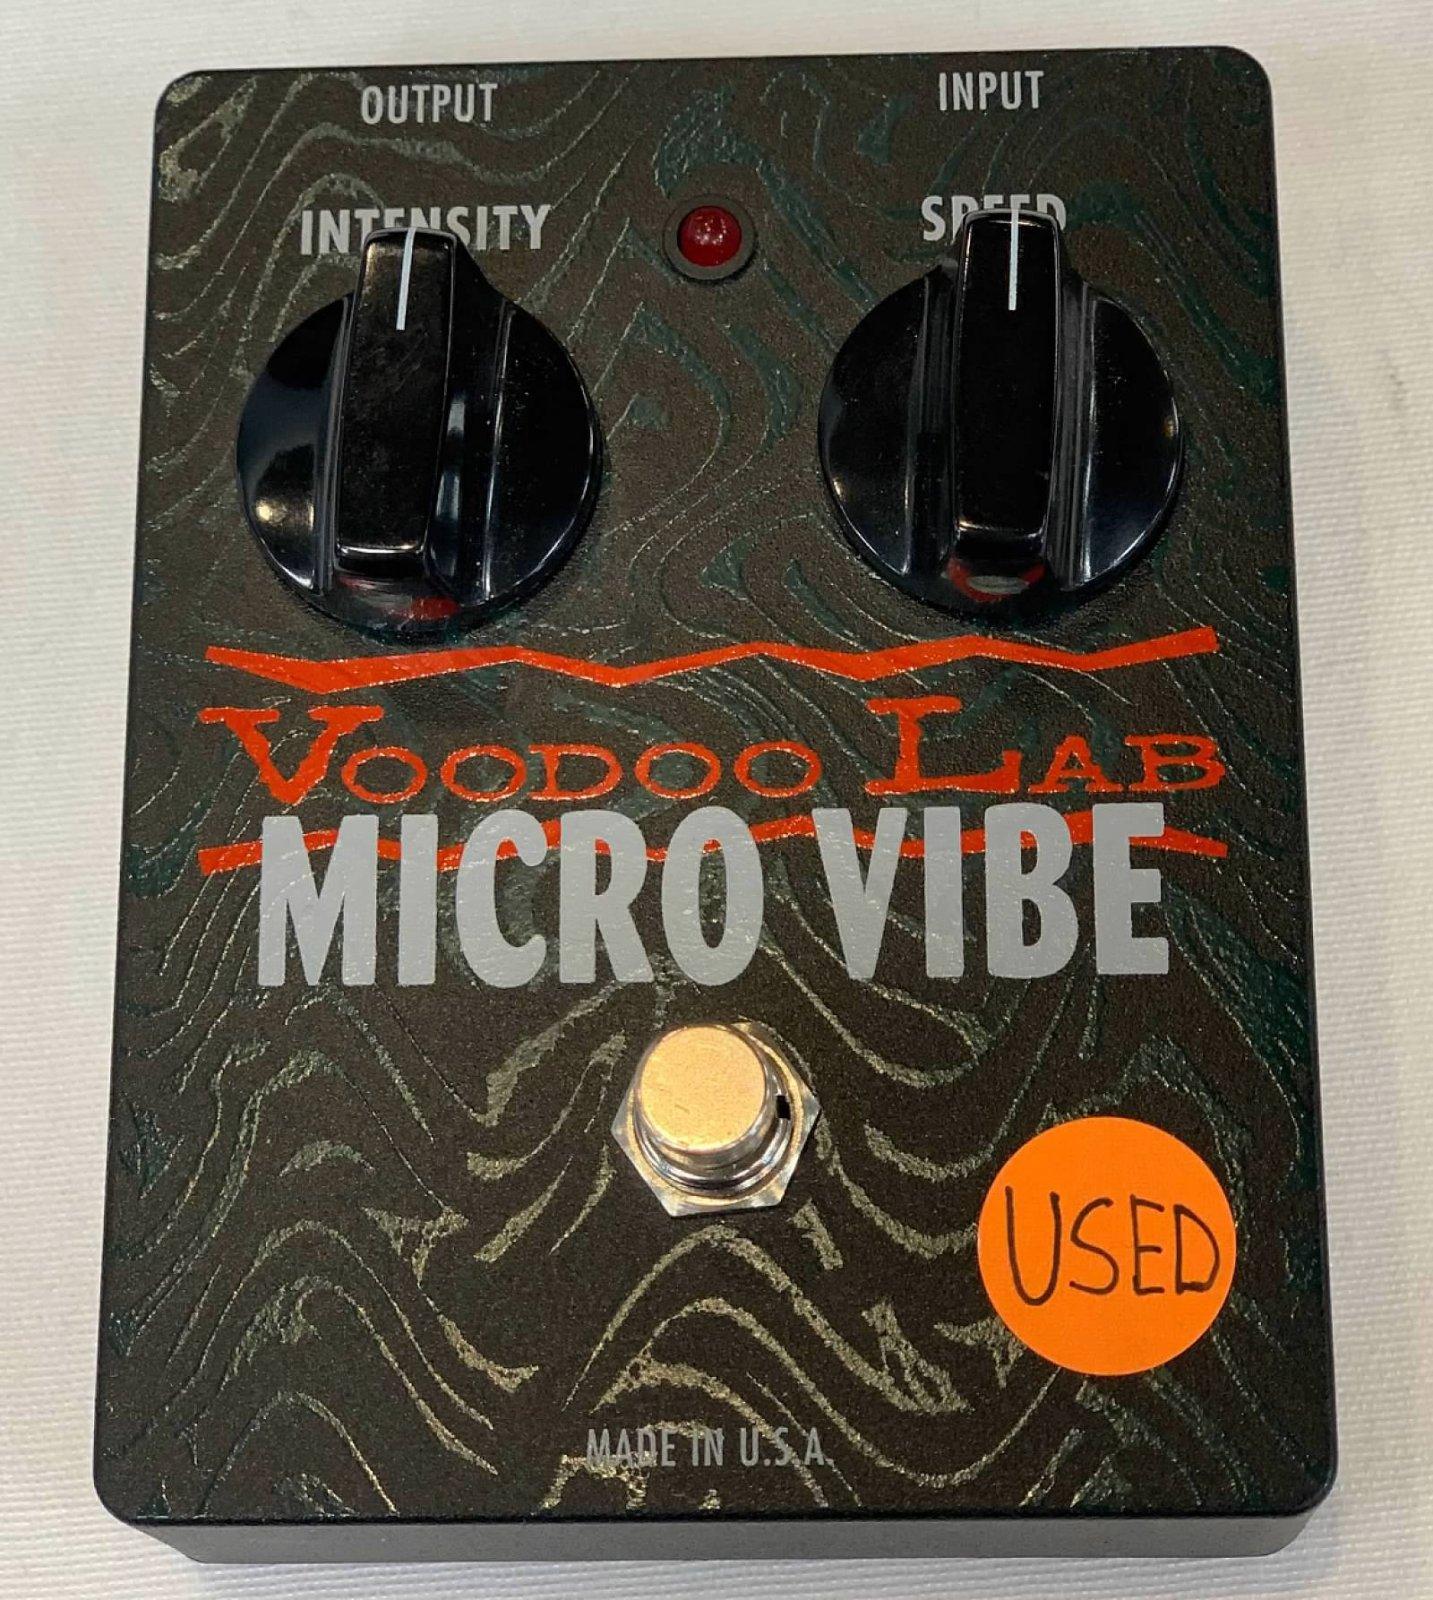 USED Voodoo Lab Micro Vibe Voodoo Lab Micro Vibe Vintage Style Rotary Speaker Pedal